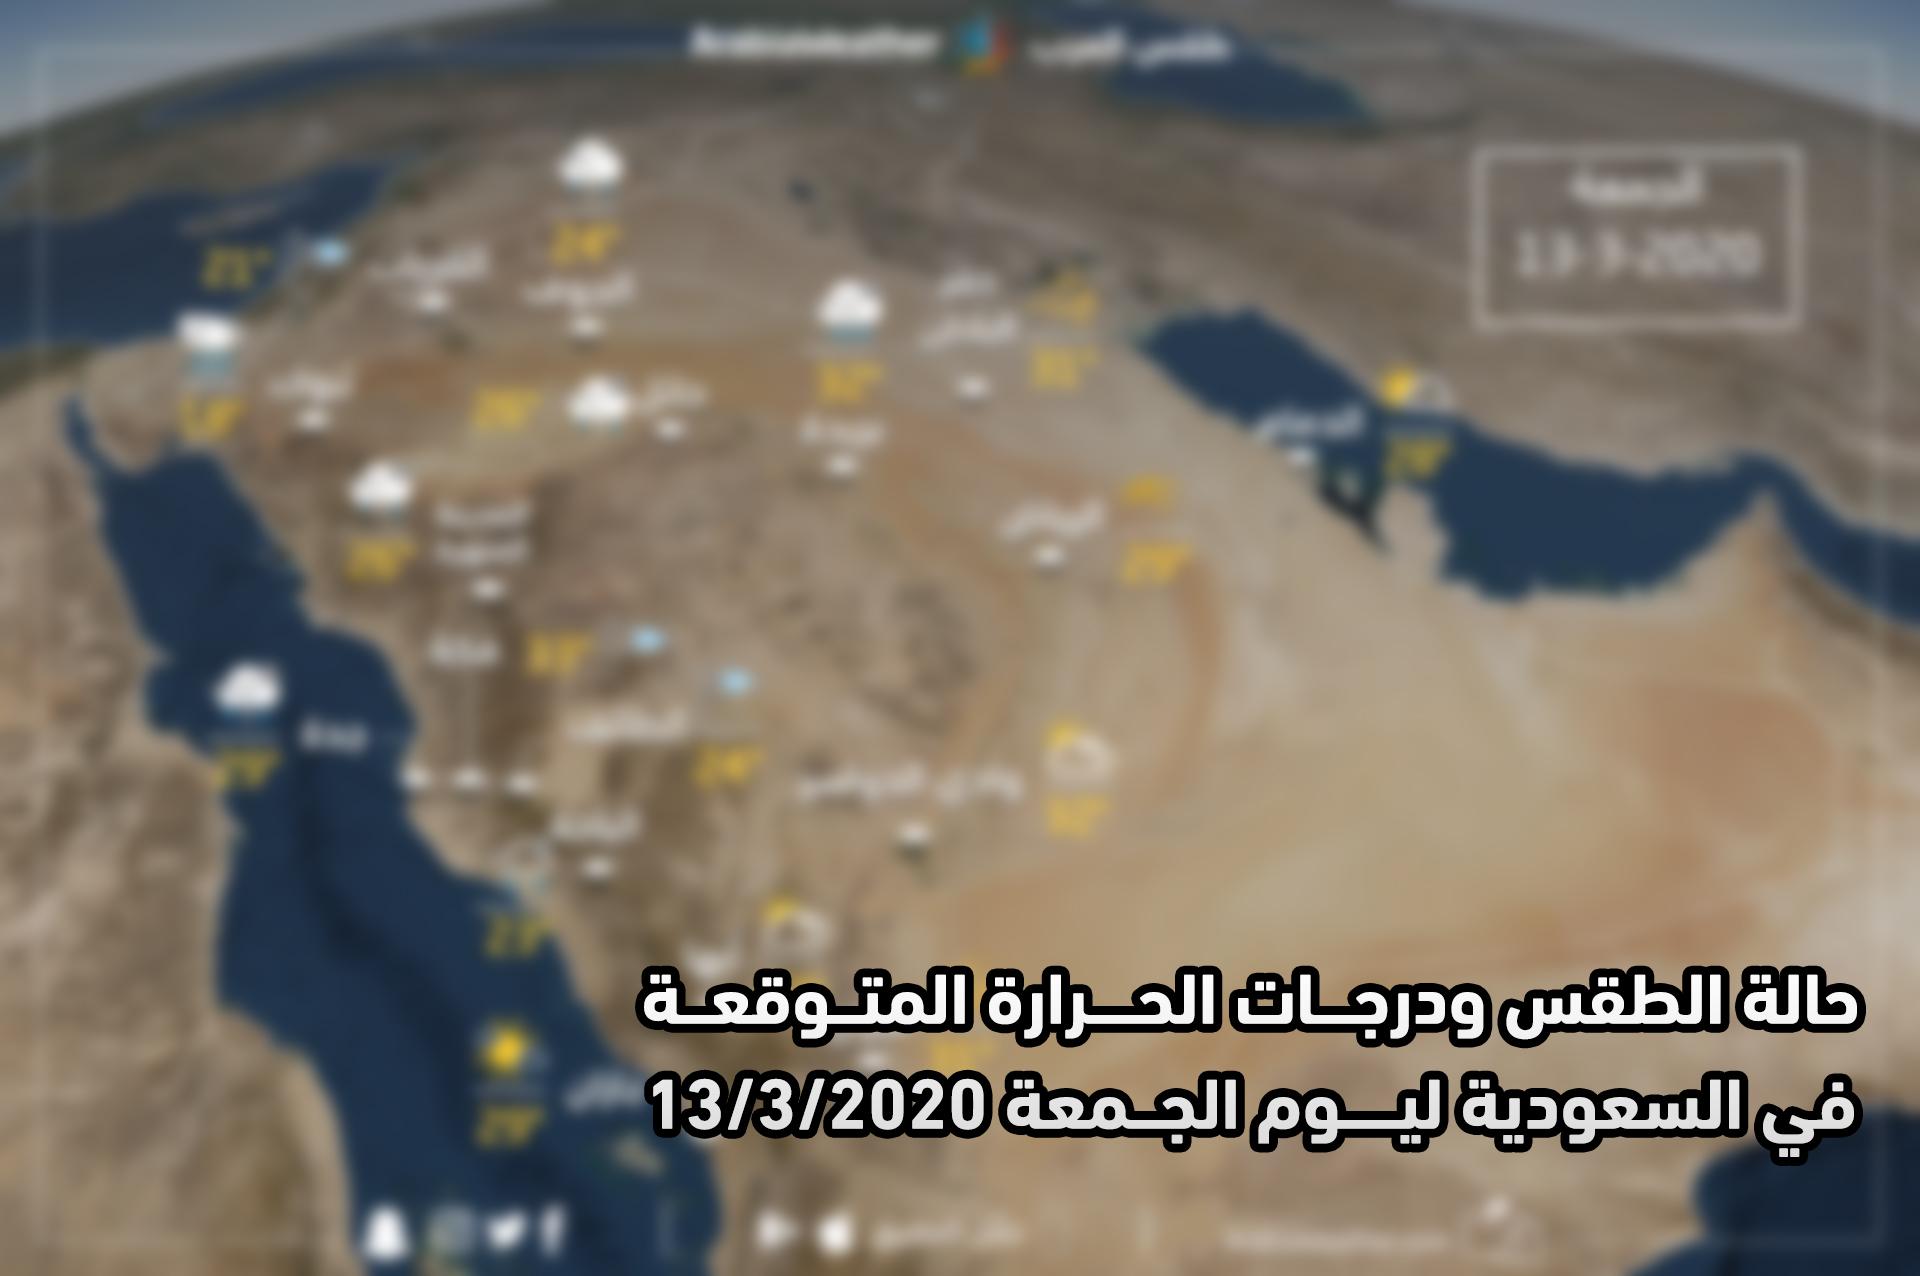 السعودية حالة الطقس ودرجات الحرارة ا المتوقعة يوم الجمعة 2020 3 13 طقس العرب